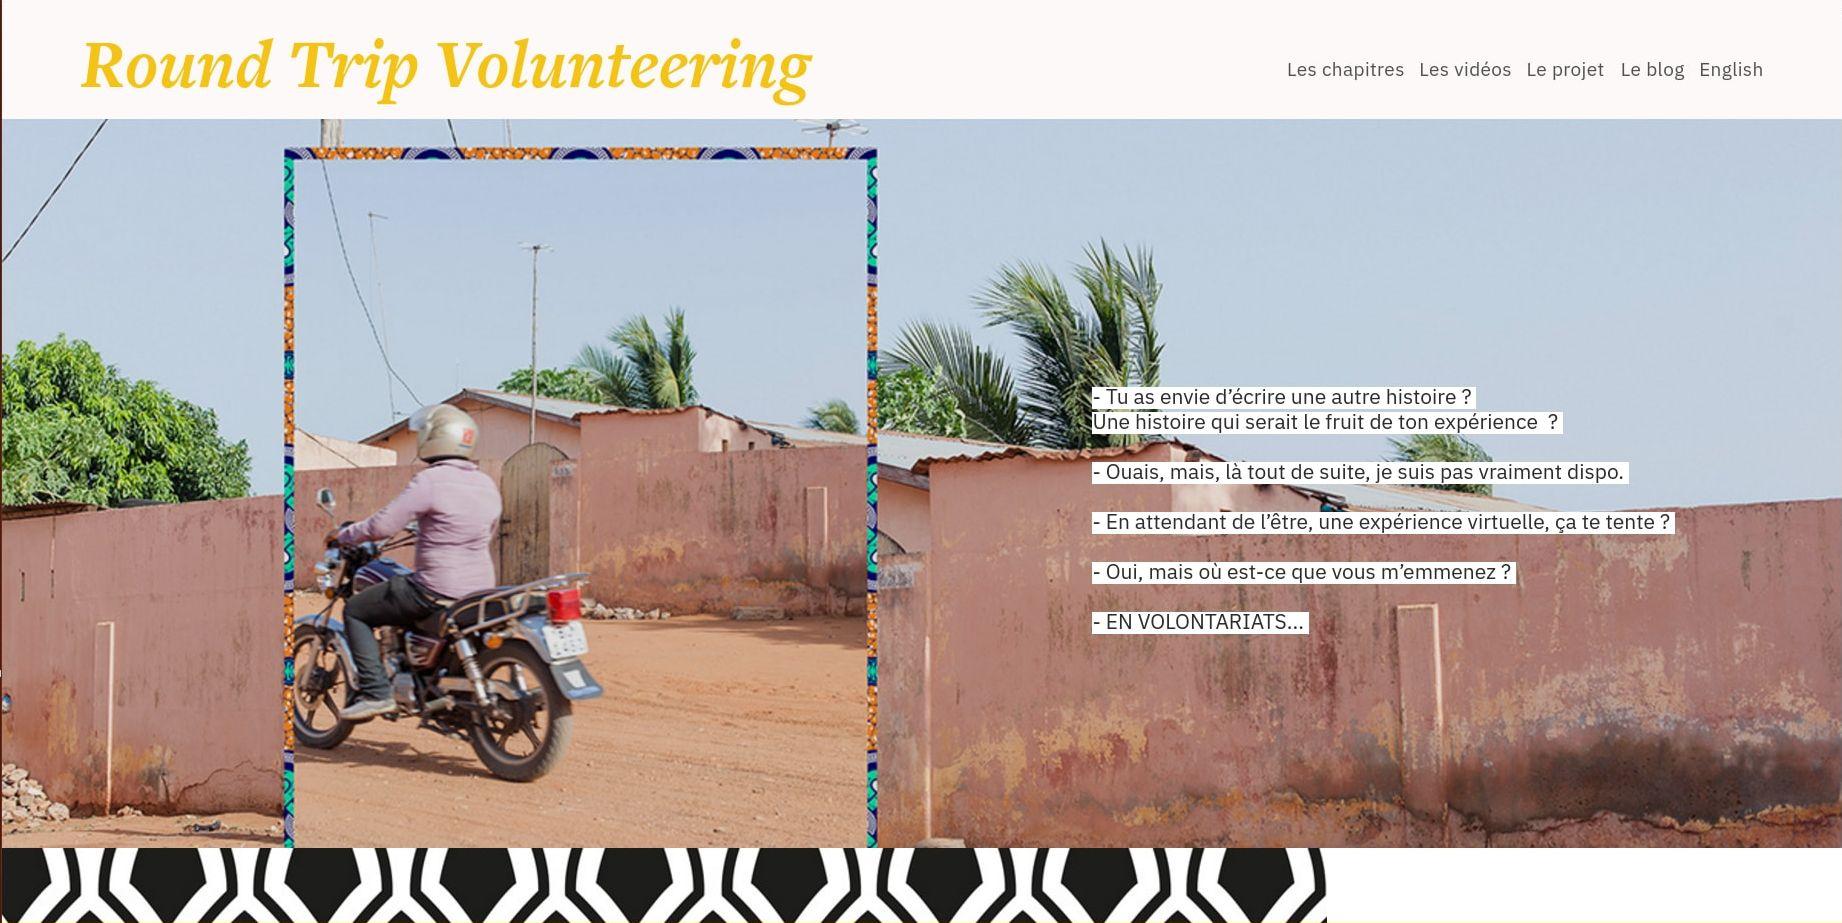 Découvrez le web-documentaire : Round Trip Volunteering